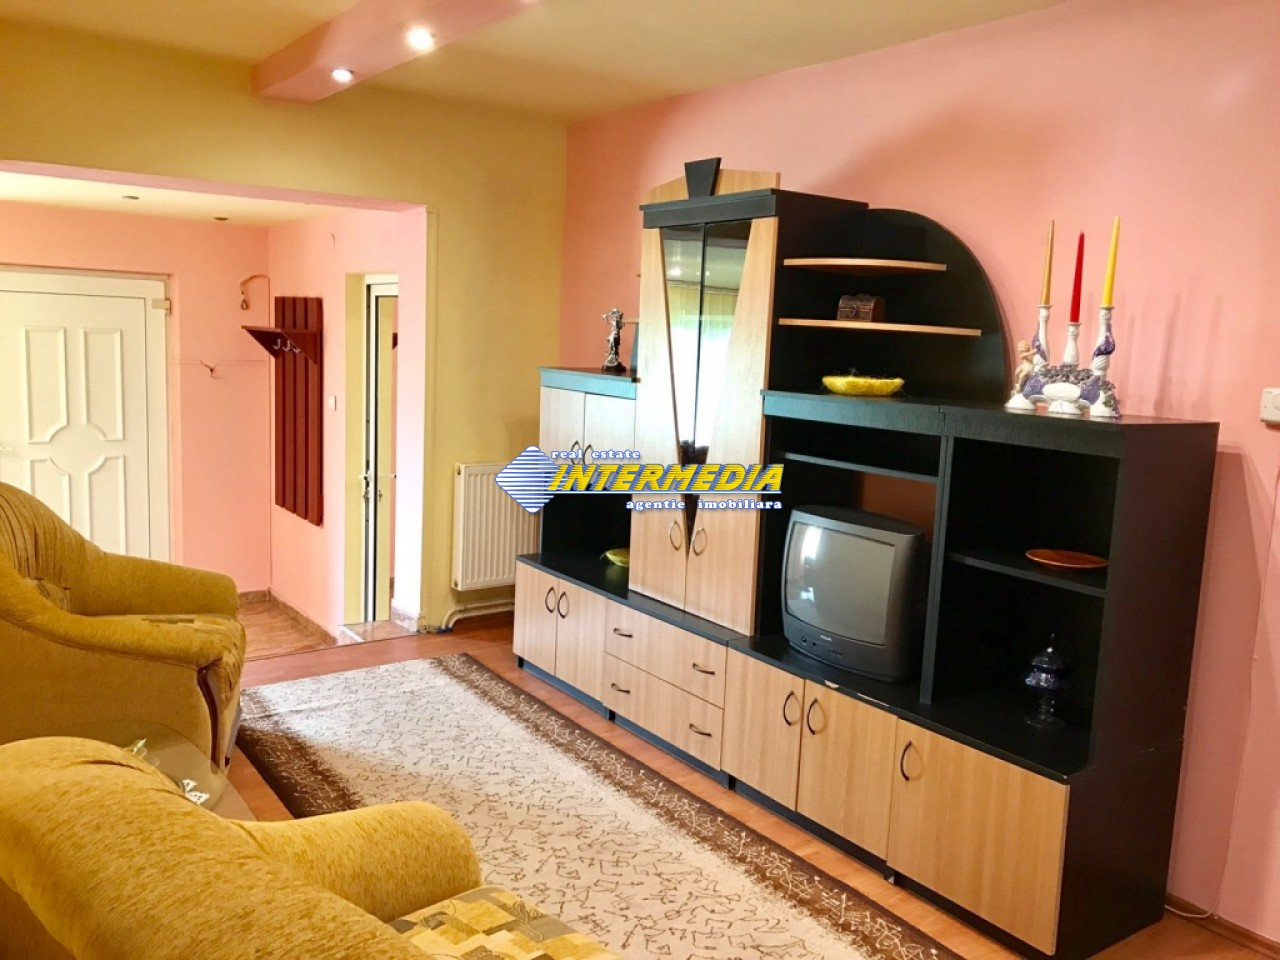 Apartament 5 camere de inchiriat in Alba Iulia mobilat-16182-13